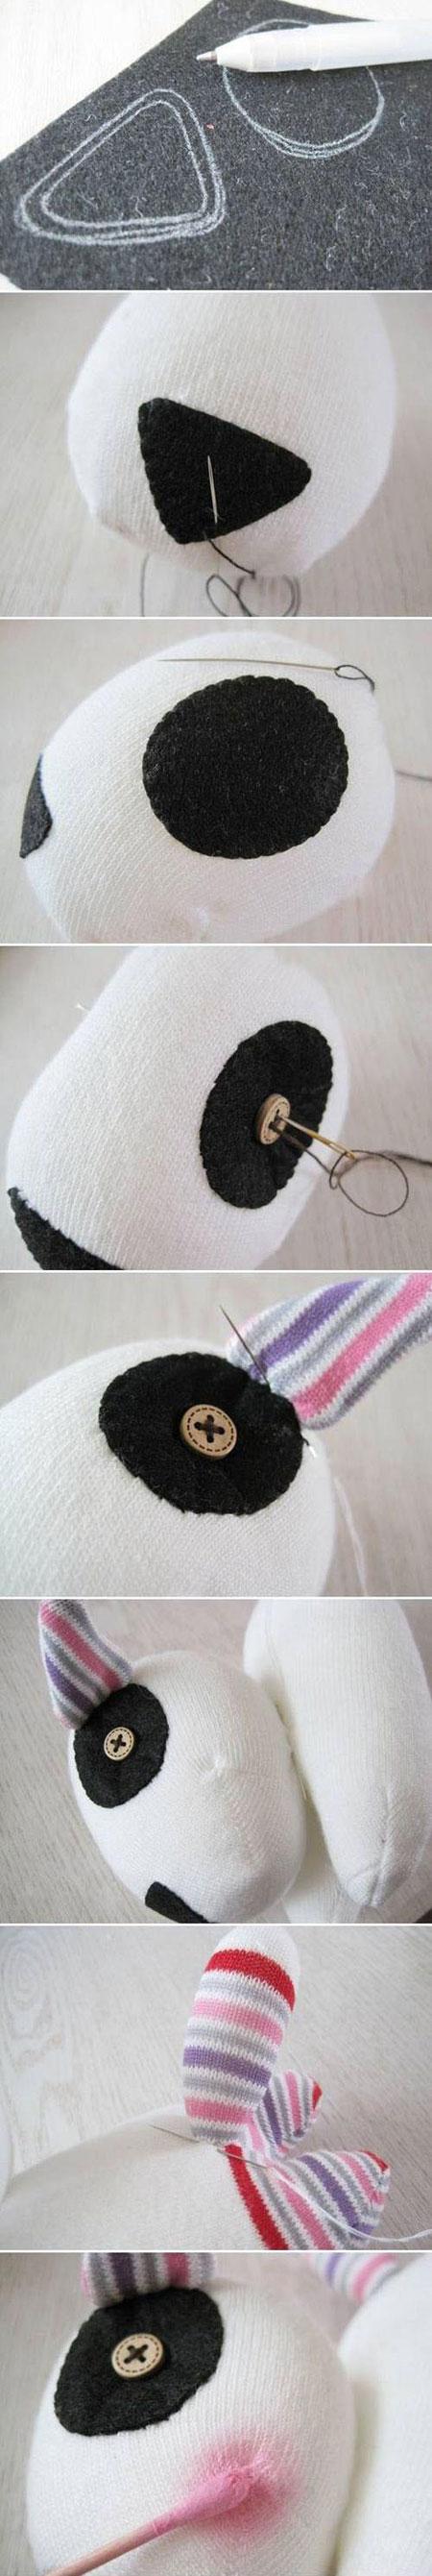 ساخت عروسک با جوراب, آموزش تصویری دوخت عروسک سگ با جوراب